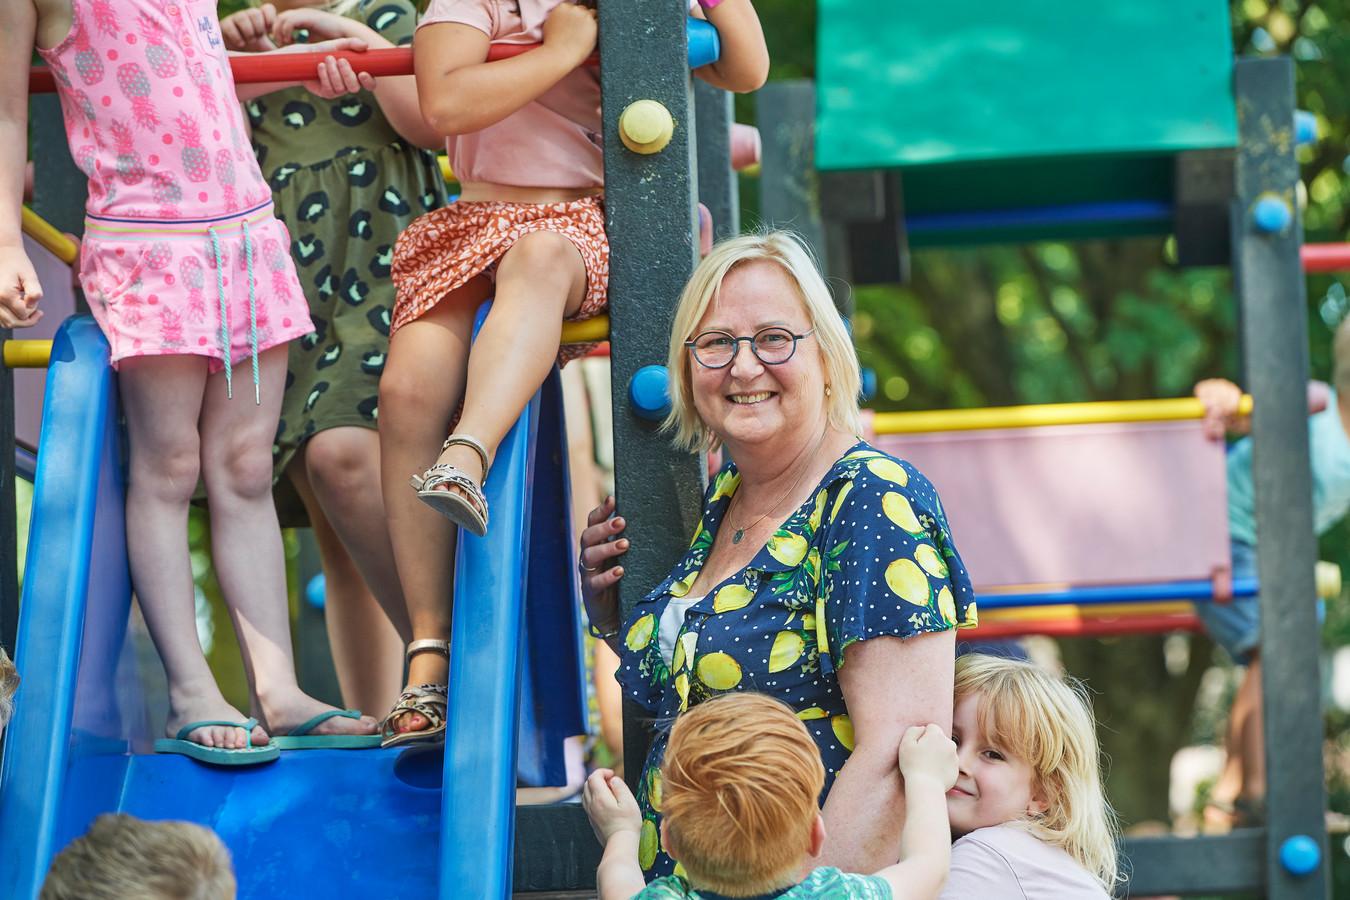 Els Ligthart-Denteneer tussen de kinderen op basisschool De Polderhof in Oss.